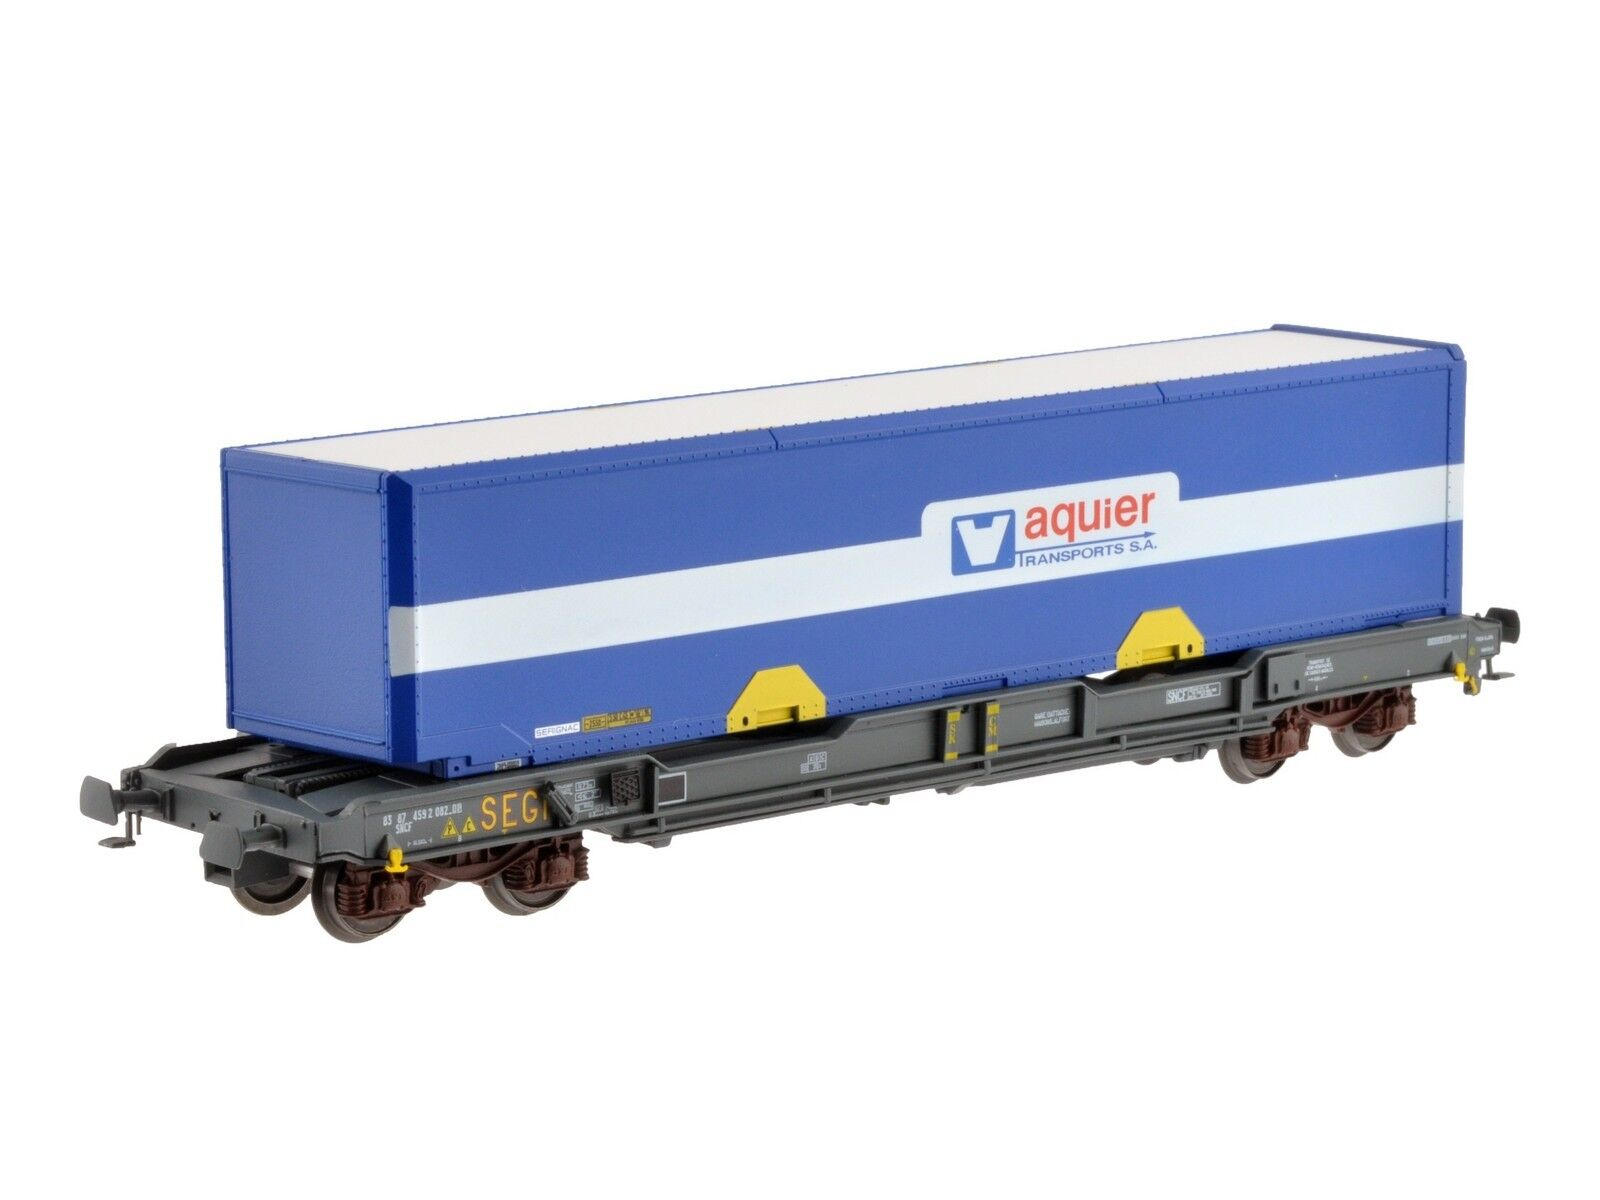 LS Models 30140 SNCF 4 ACH containertragwg KM GRIGIO SEGI V acquier BL 40' ep5 NUOVO